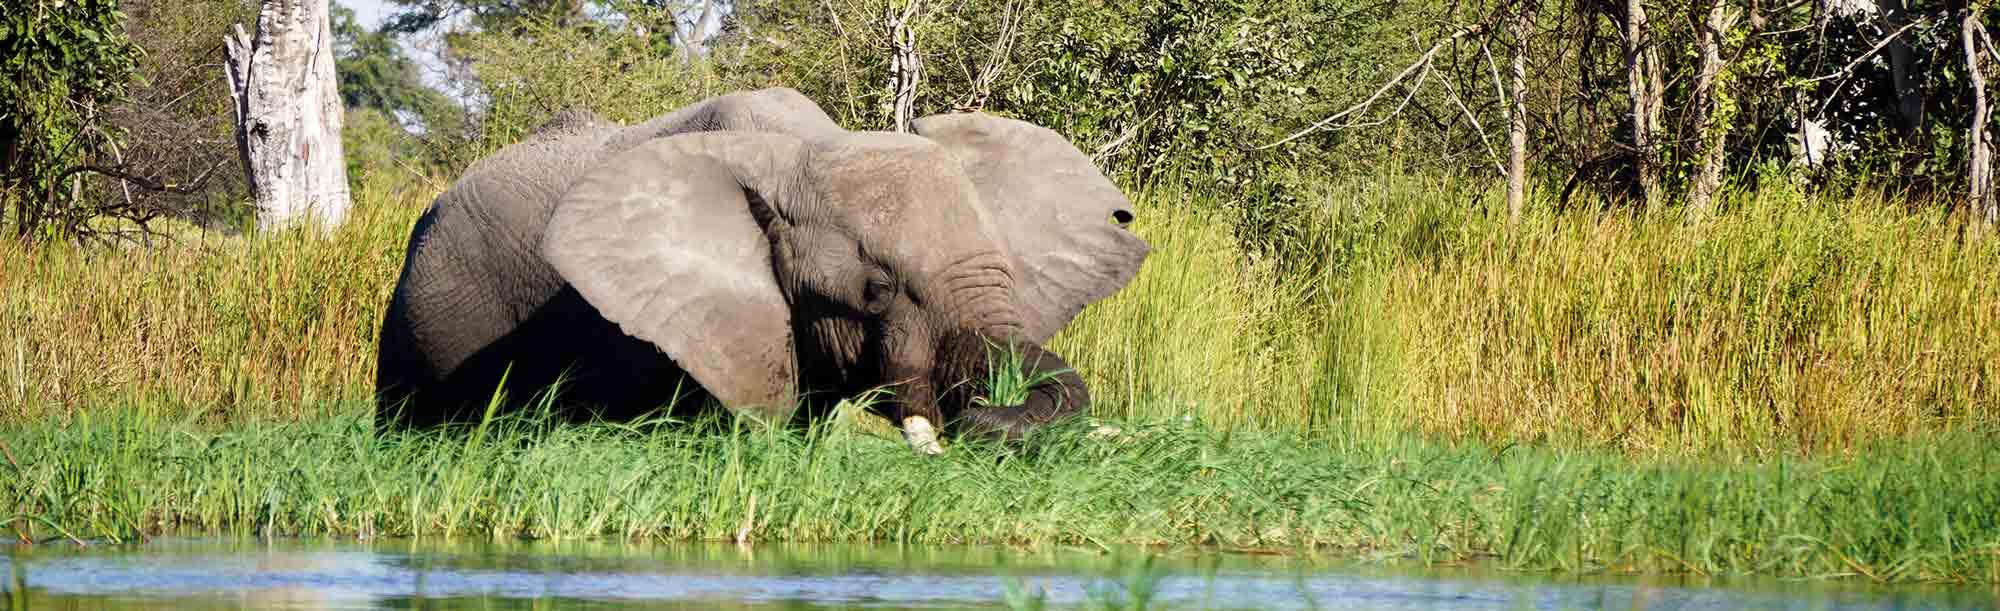 Elefant im Okawango-Delta